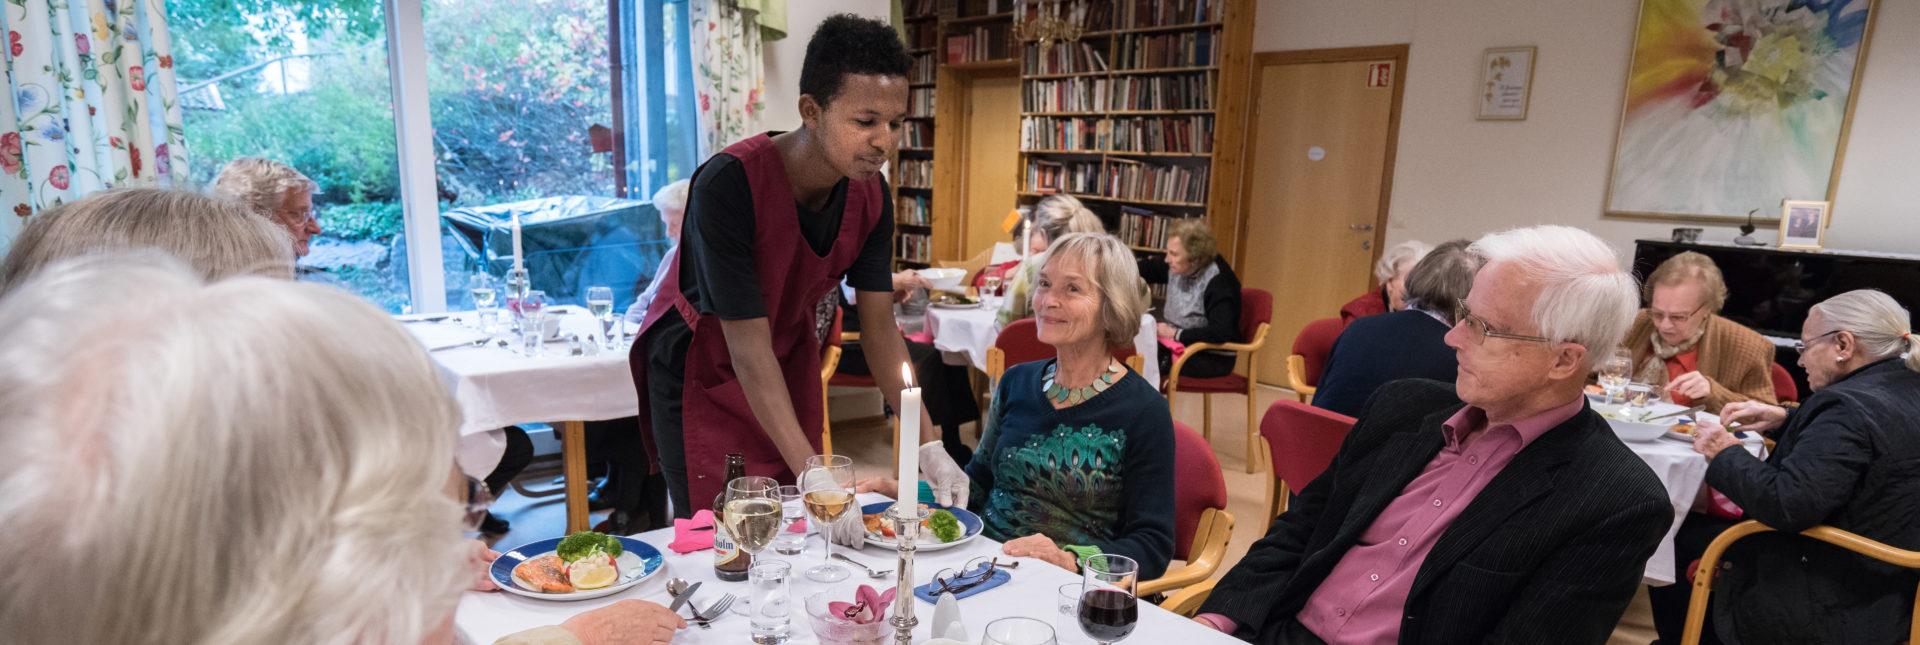 en mindreårig asylsøker serverer gjester på St.hansheugen seniorsenter til god stemning. Bilde